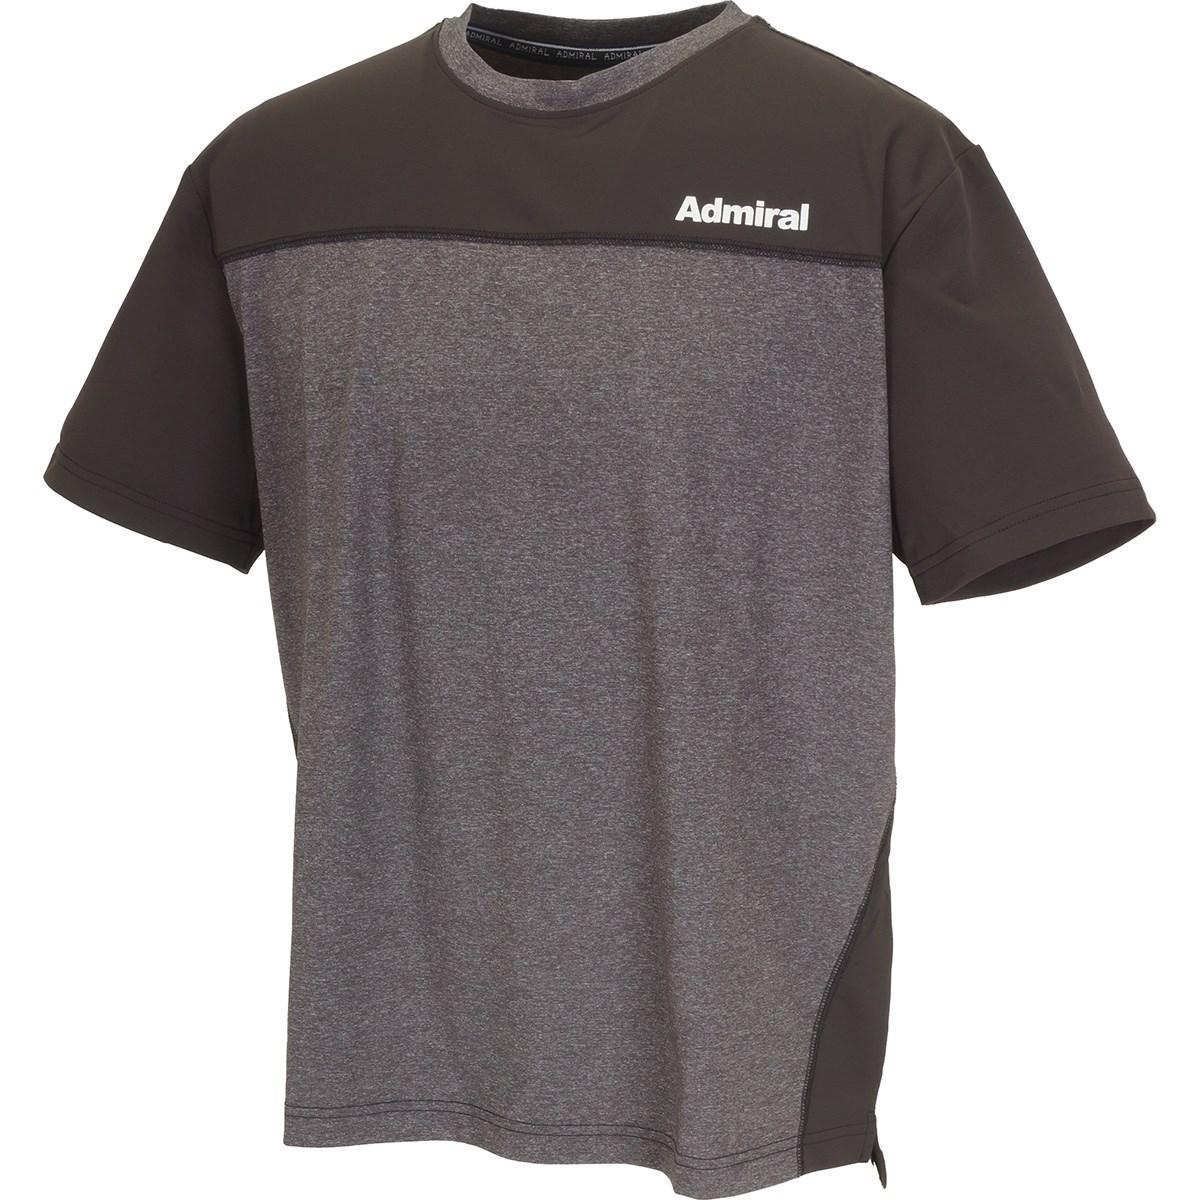 アドミラル Admiral Athle ミックスゲーム半袖Tシャツ M ブラウン 22